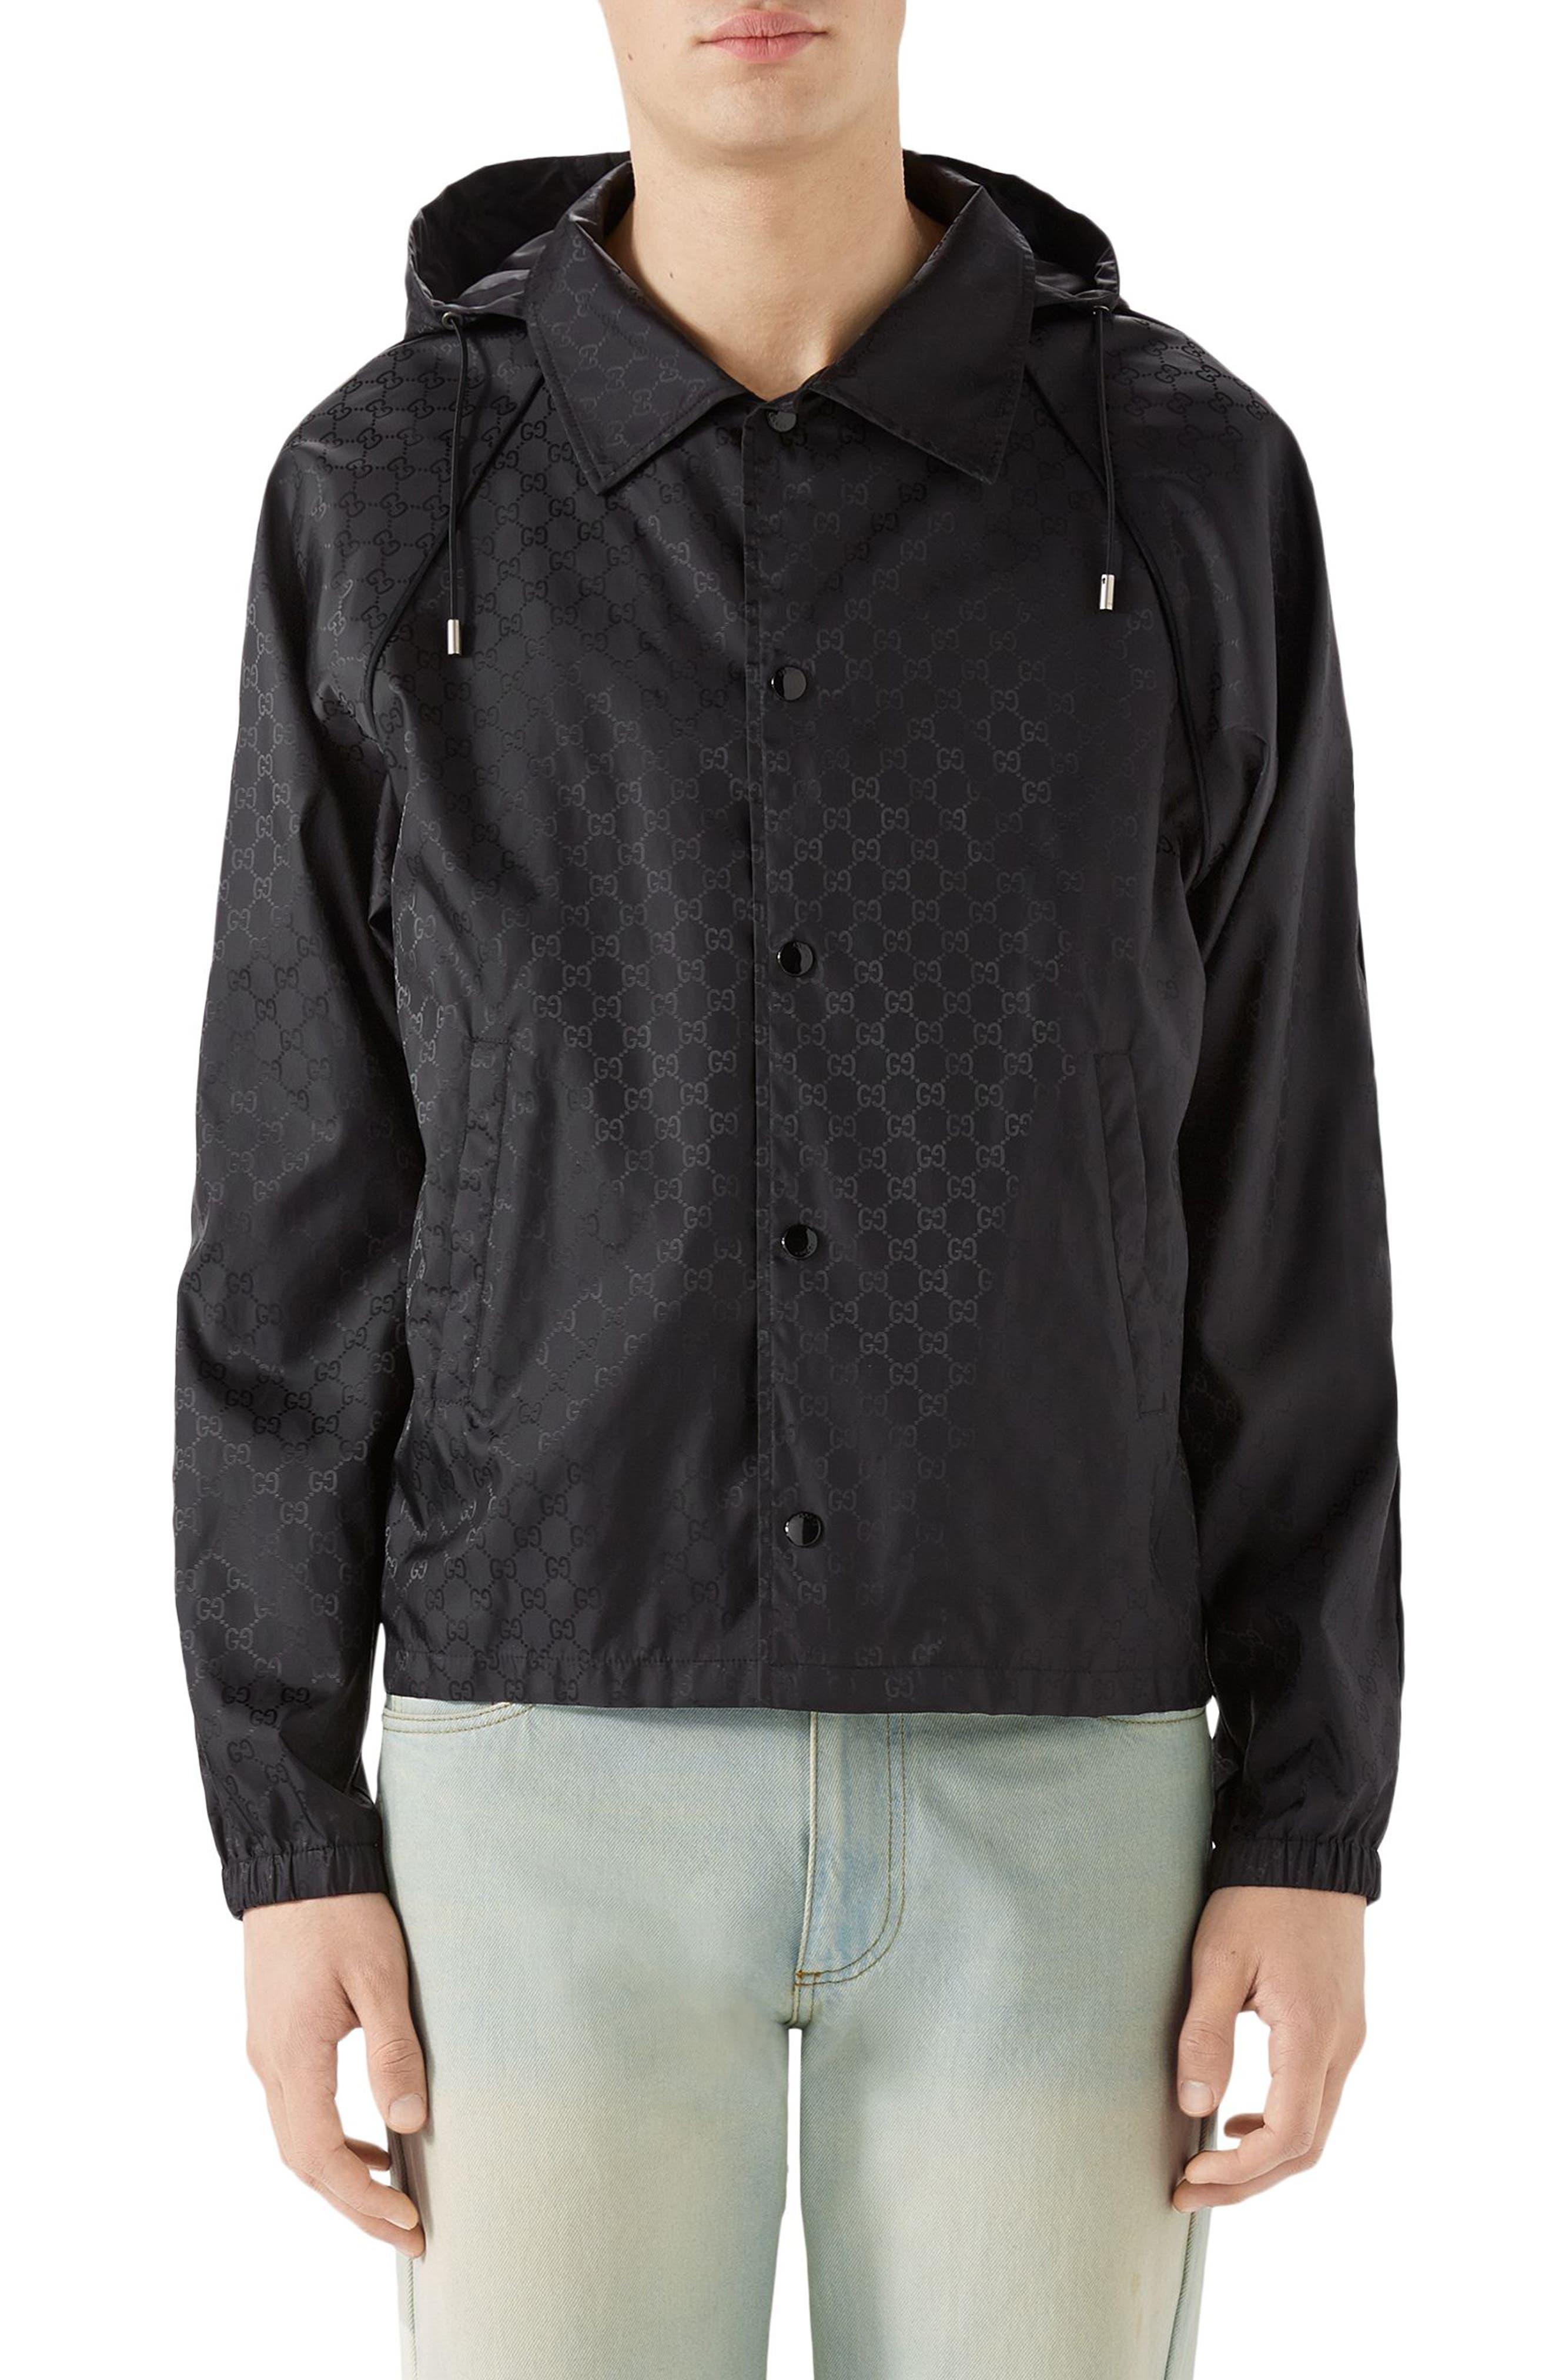 GG Jacquard Print Nylon Jacket,                             Main thumbnail 1, color,                             BLACK